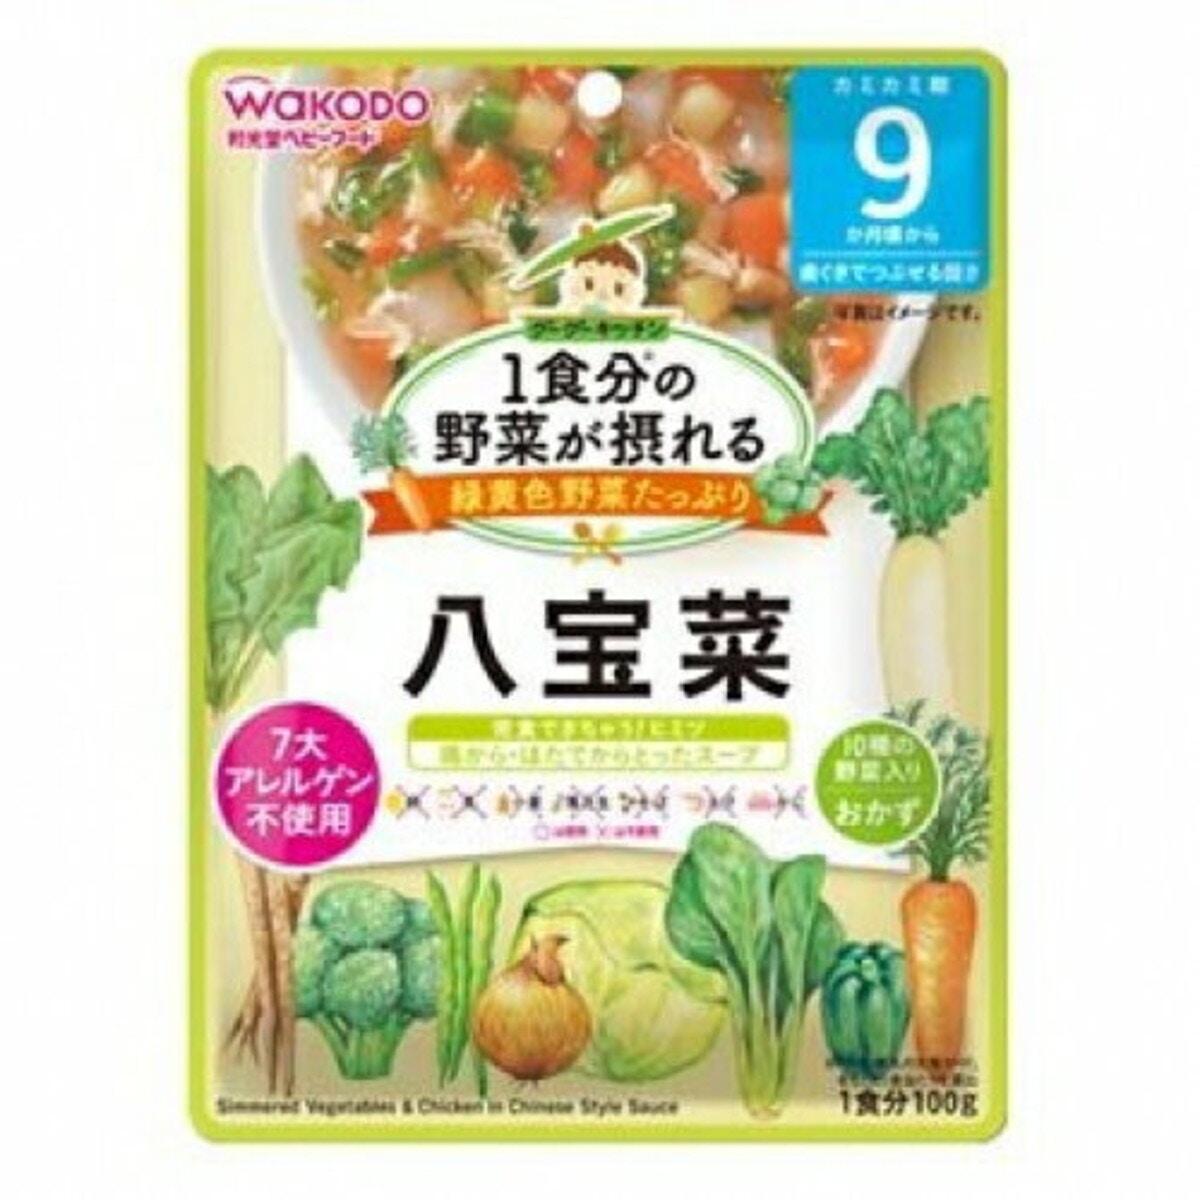 和光堂 1食分の野菜が摂れる「八宝菜」